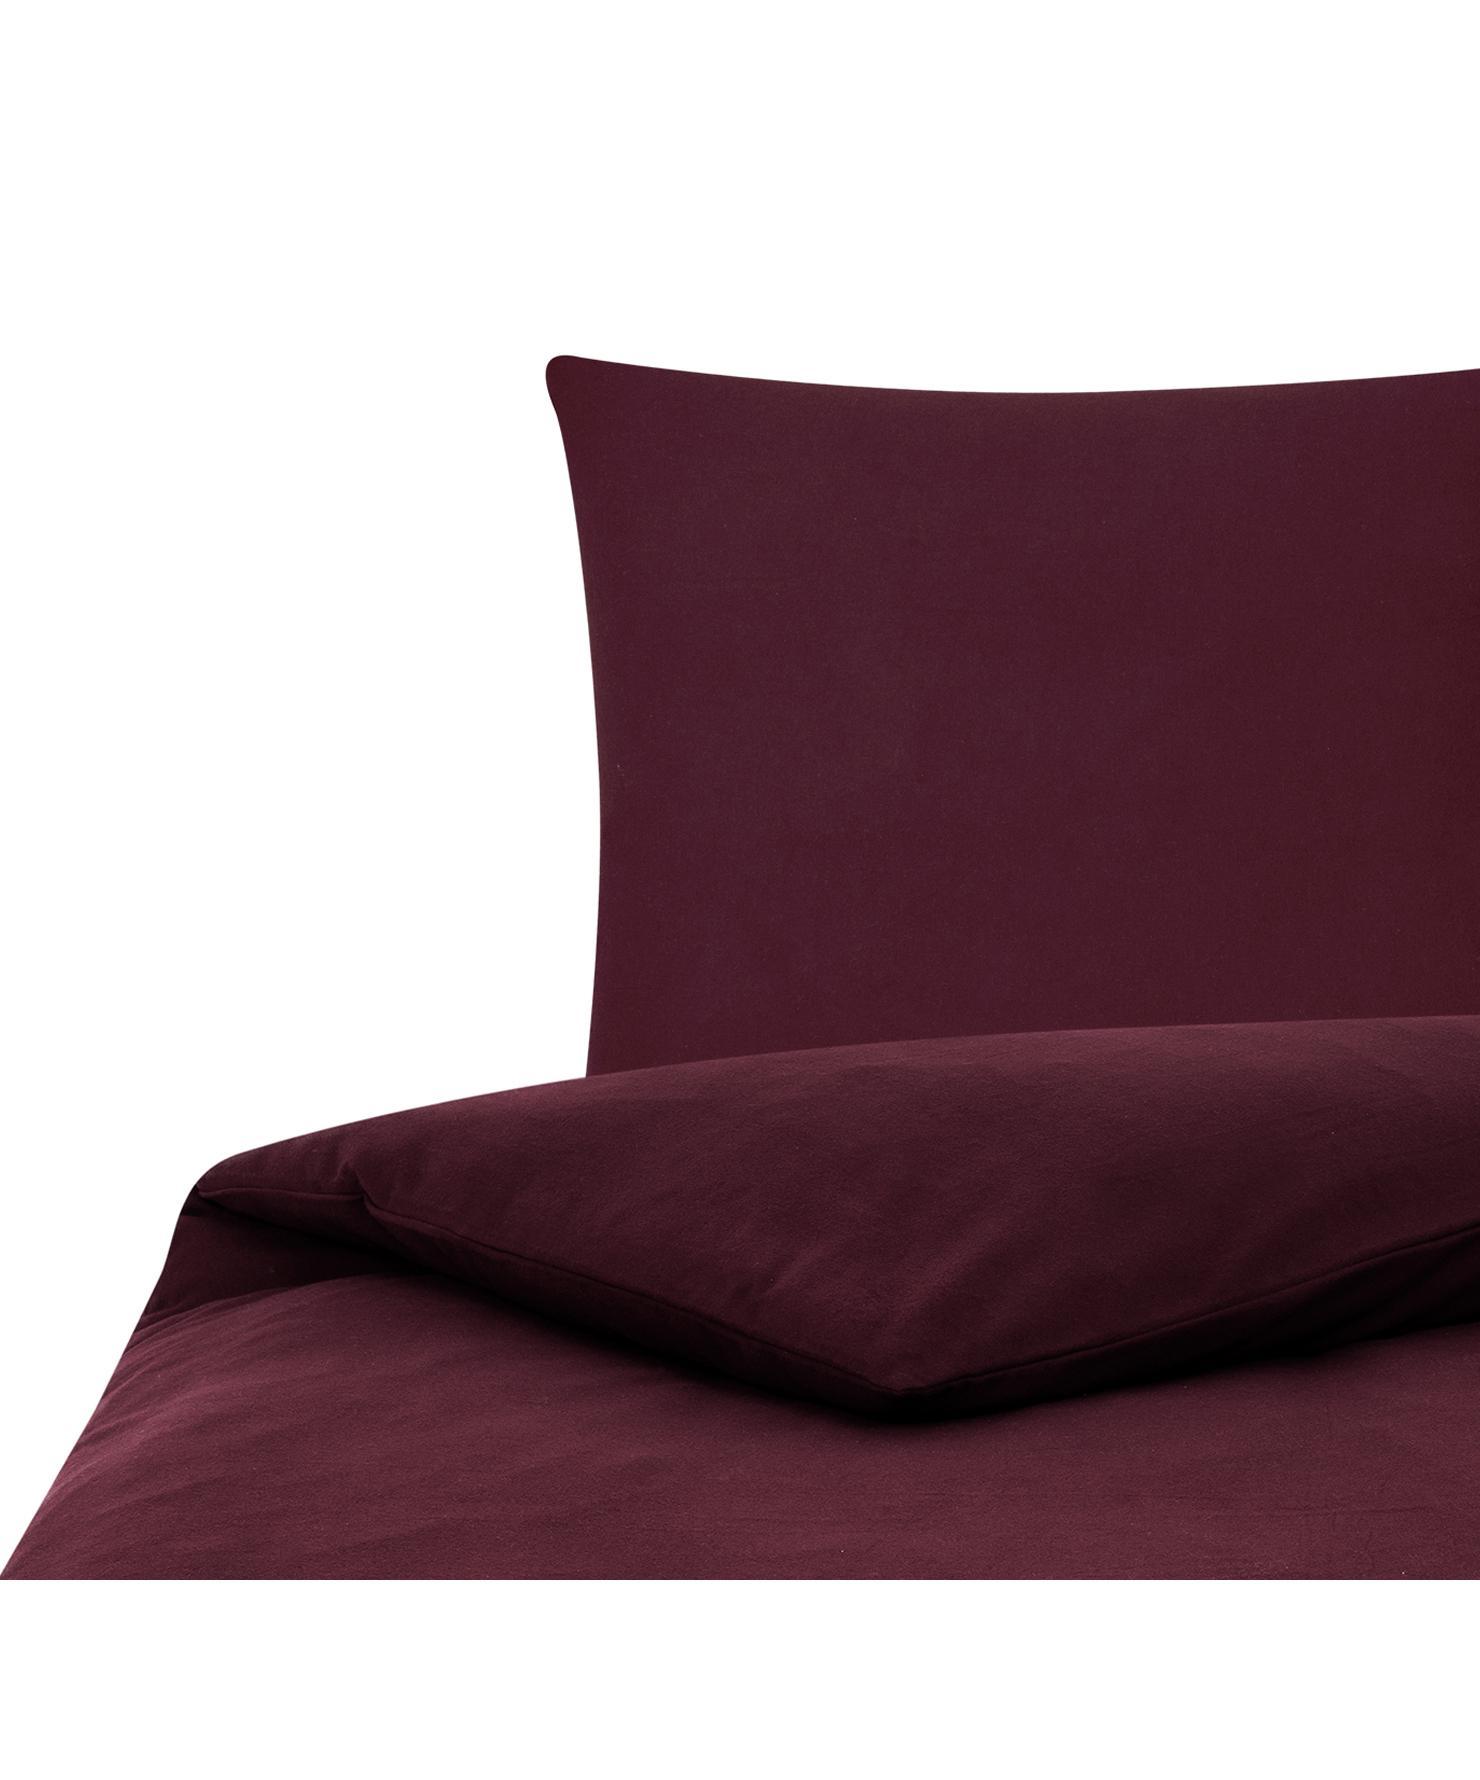 Flanell-Bettwäsche Biba in Dunkelrot, Webart: Flanell Flanell ist ein s, Dunkelrot, 135 x 200 cm + 1 Kissen 80 x 80 cm